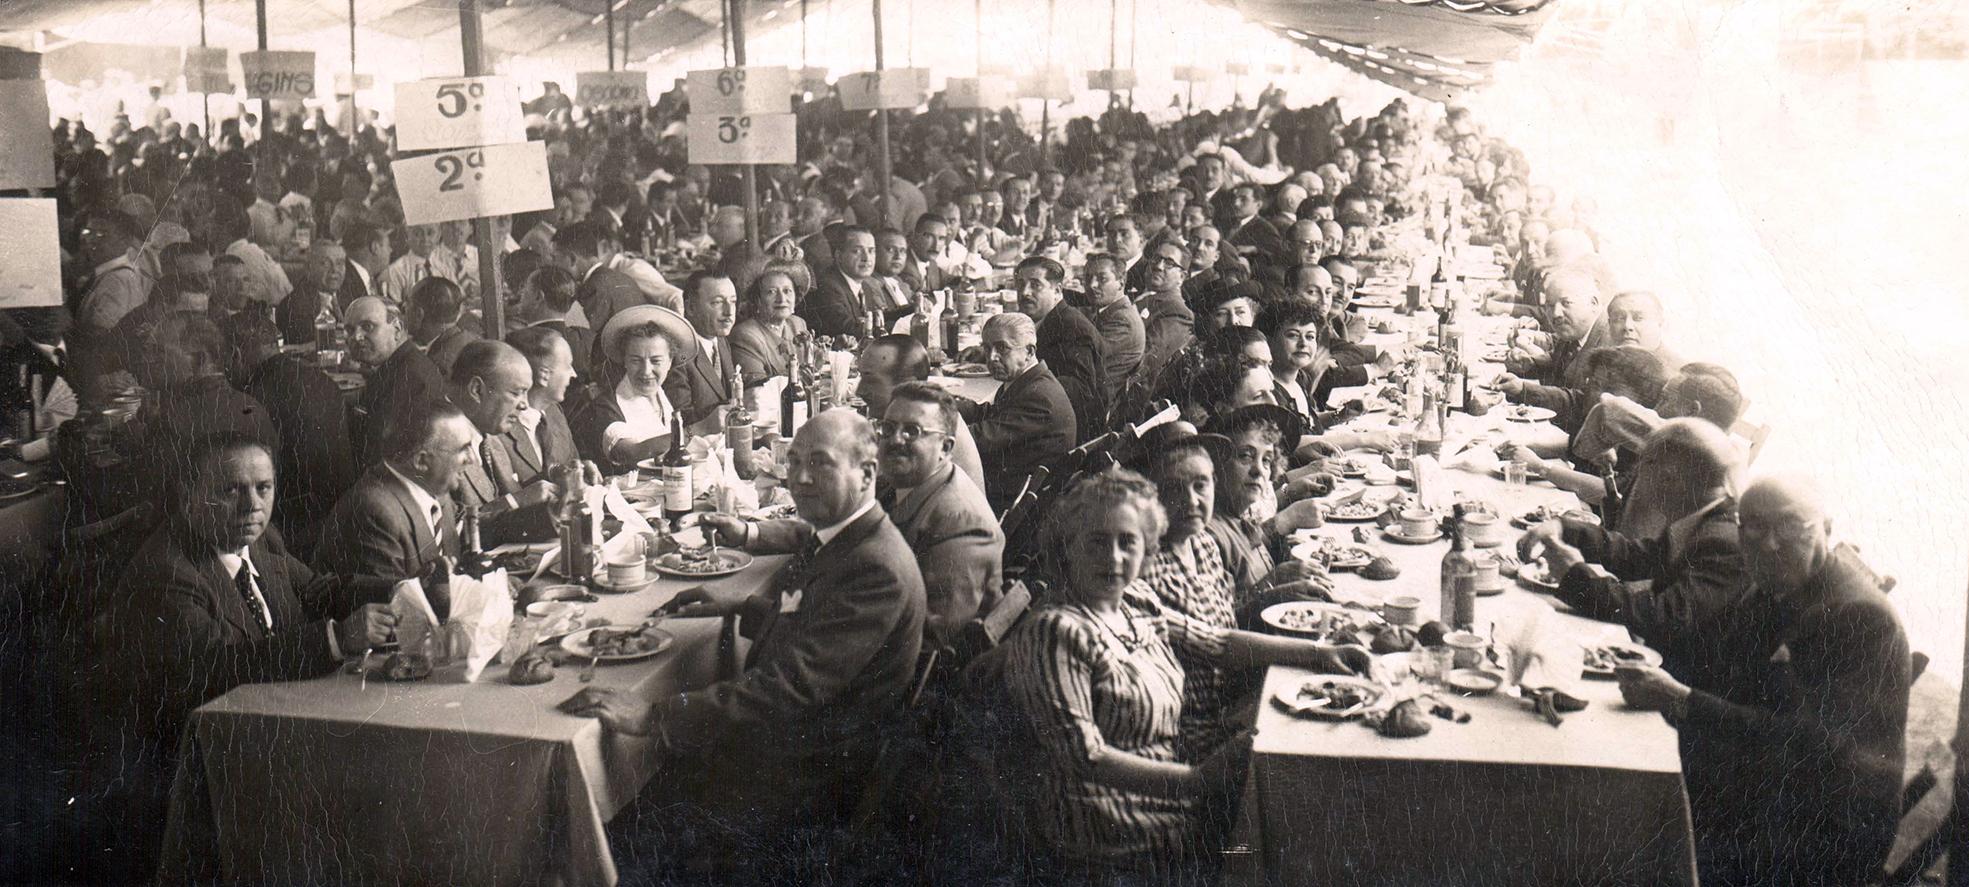 Enterreno - Fotos históricas de chile - fotos antiguas de Chile - Despedida al embajador de Chile en Italia, 1949